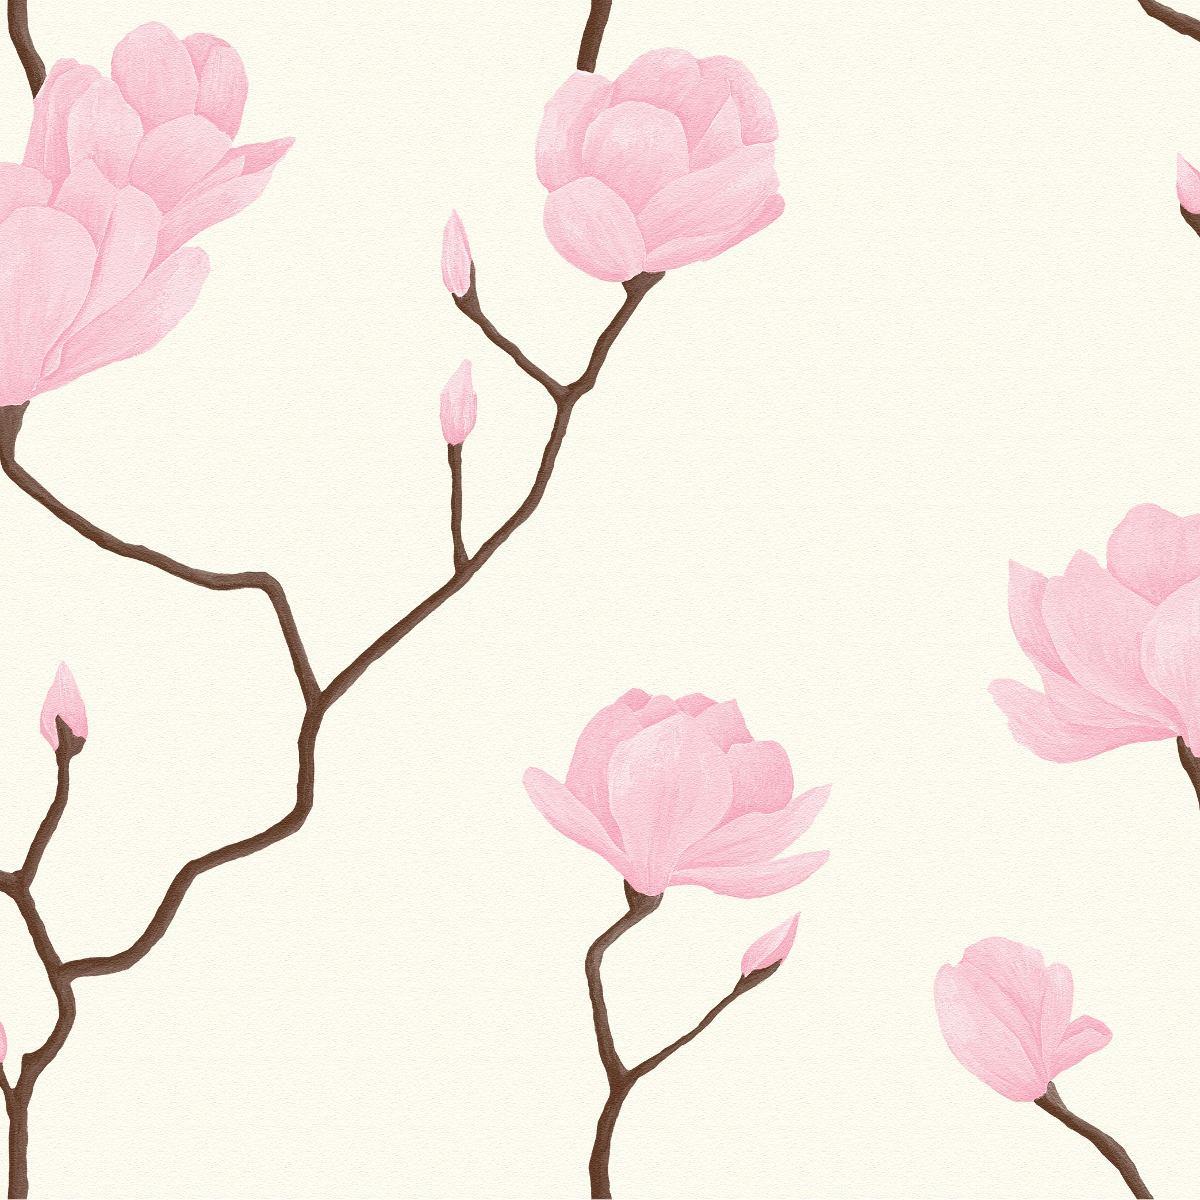 Papel Parede Bobinex Natural 1446 Galhos Flor Rosas Branco R 189  -> Modelos De Papel De Parede Em Forma De Flores